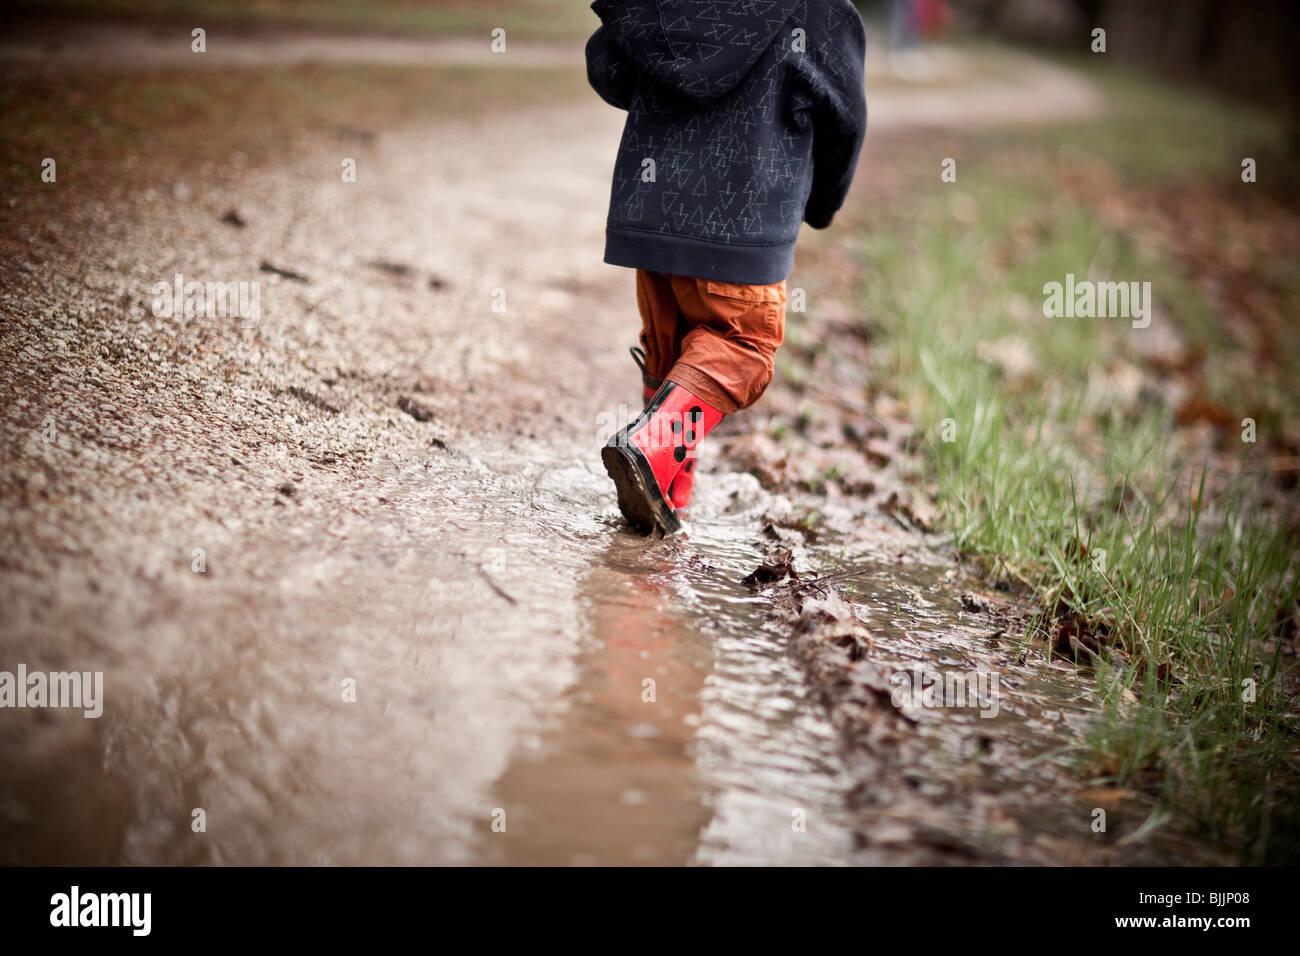 Jeune garçon portant des bottes de pluie promenades à travers une flaque d'eau. Photo Stock